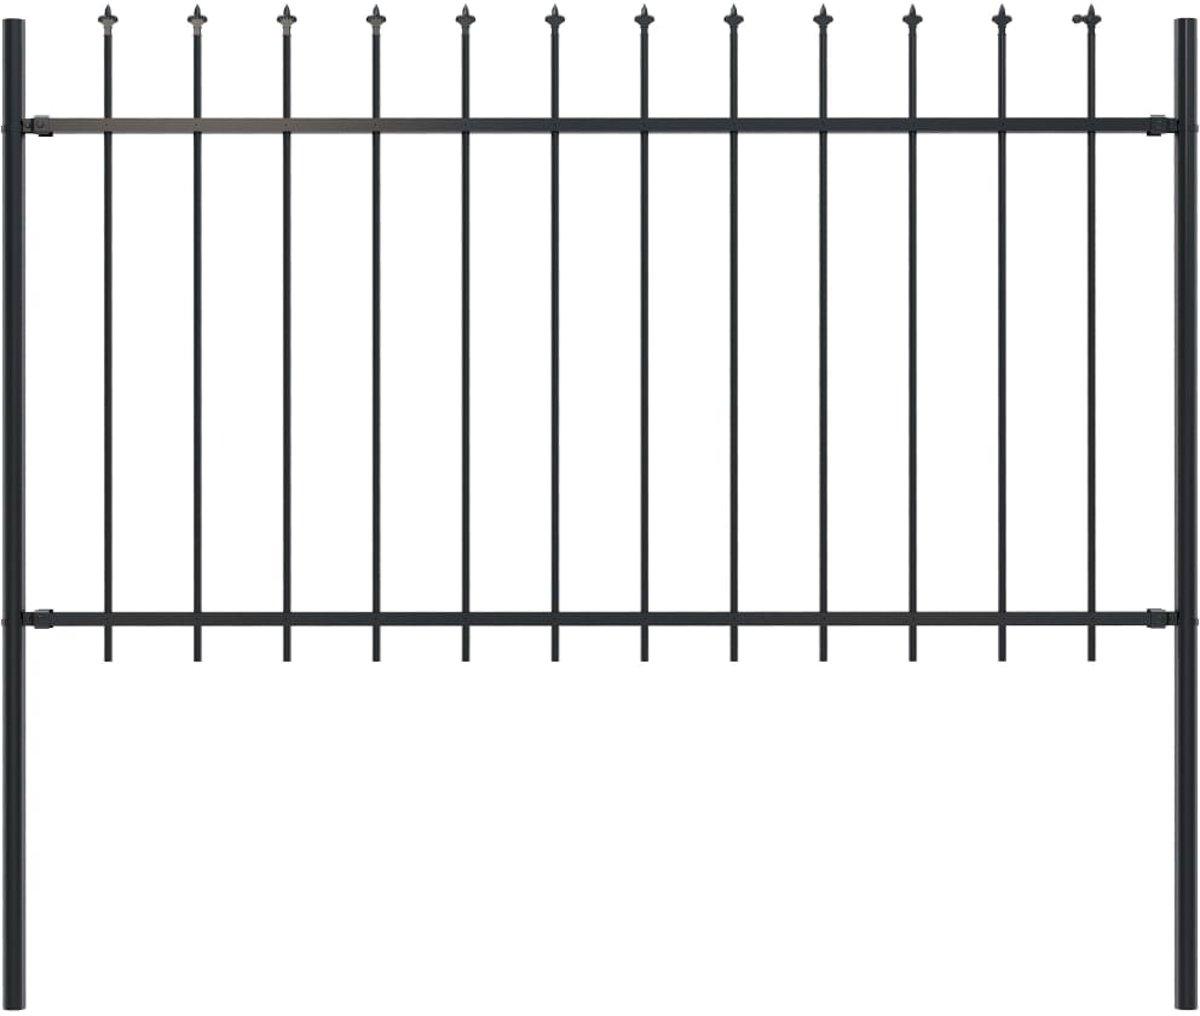 vidaXL Tuinhek met speren bovenkant 1.7x1 m staal zwart